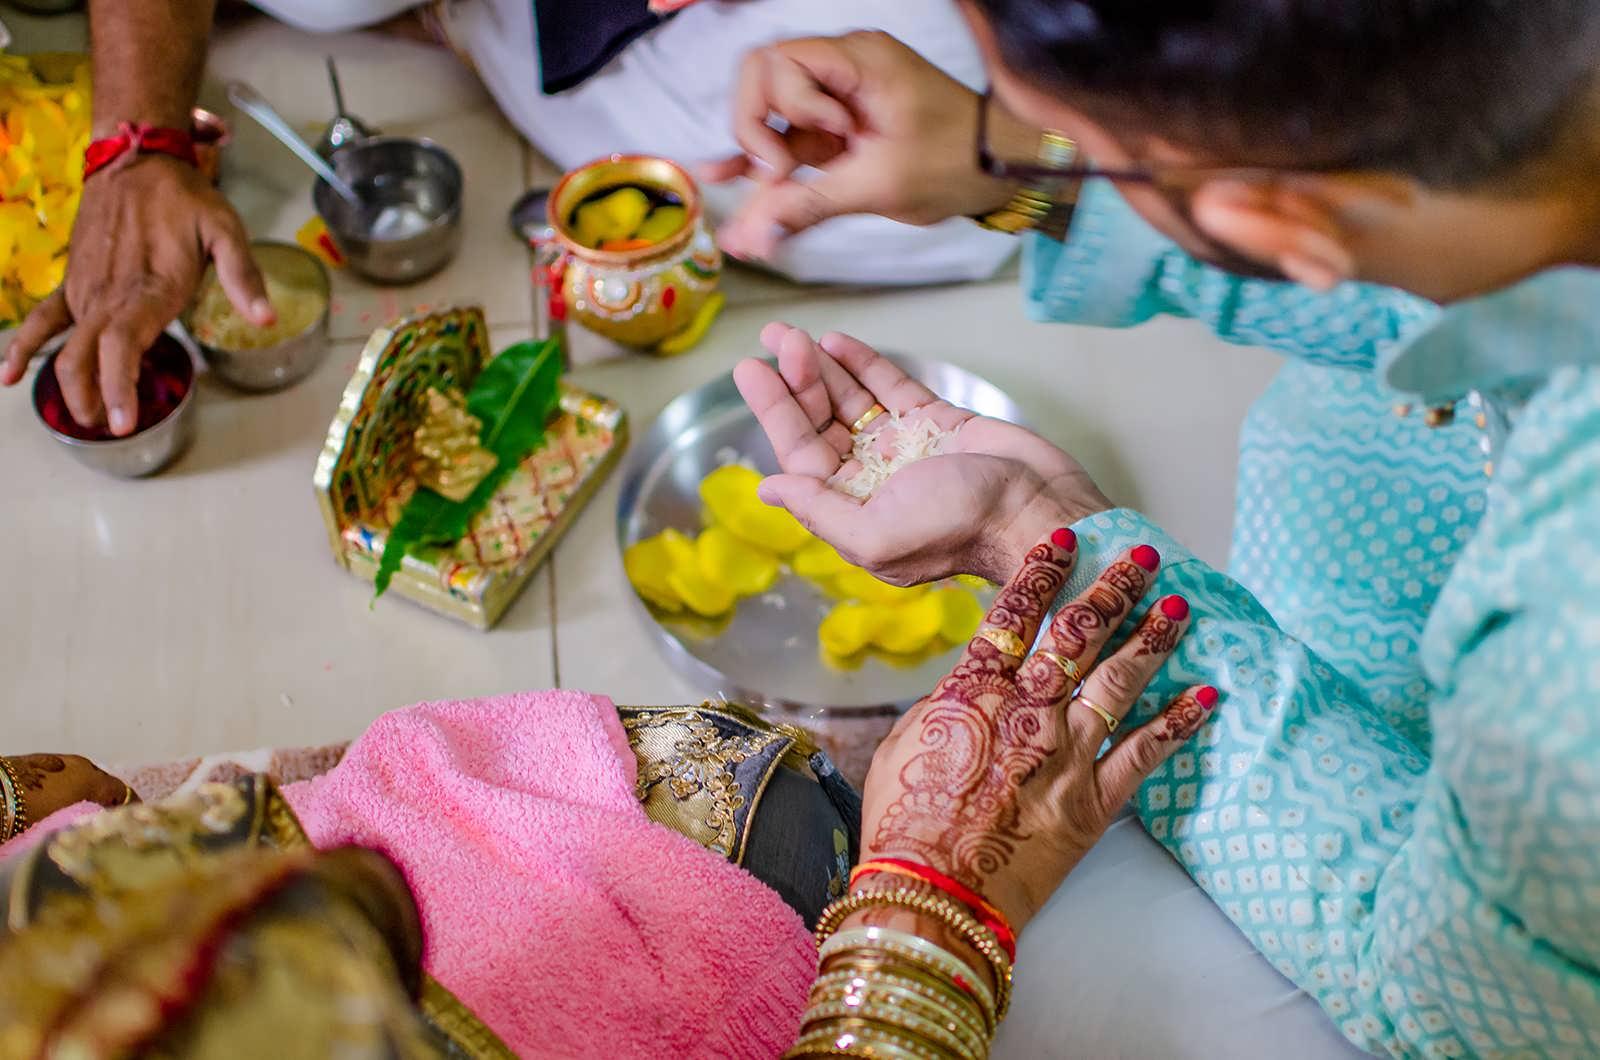 Prewedding & Engagements (3)Resized